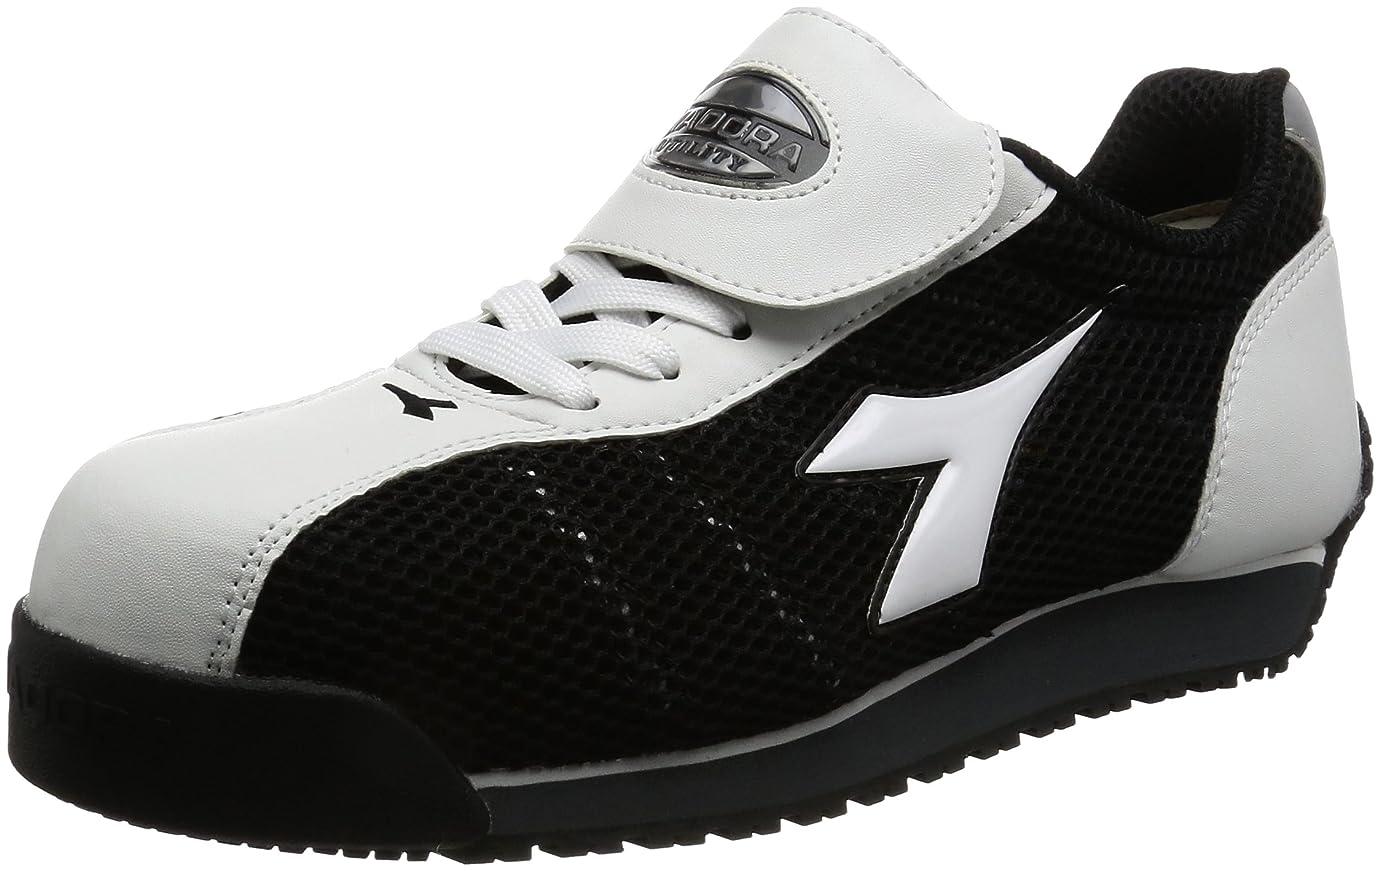 鋼信者失作業靴 スニーカー キングフィッシャー KF12 KF12 ホワイト&ブラック(ホワイト&ブラック/26.0)